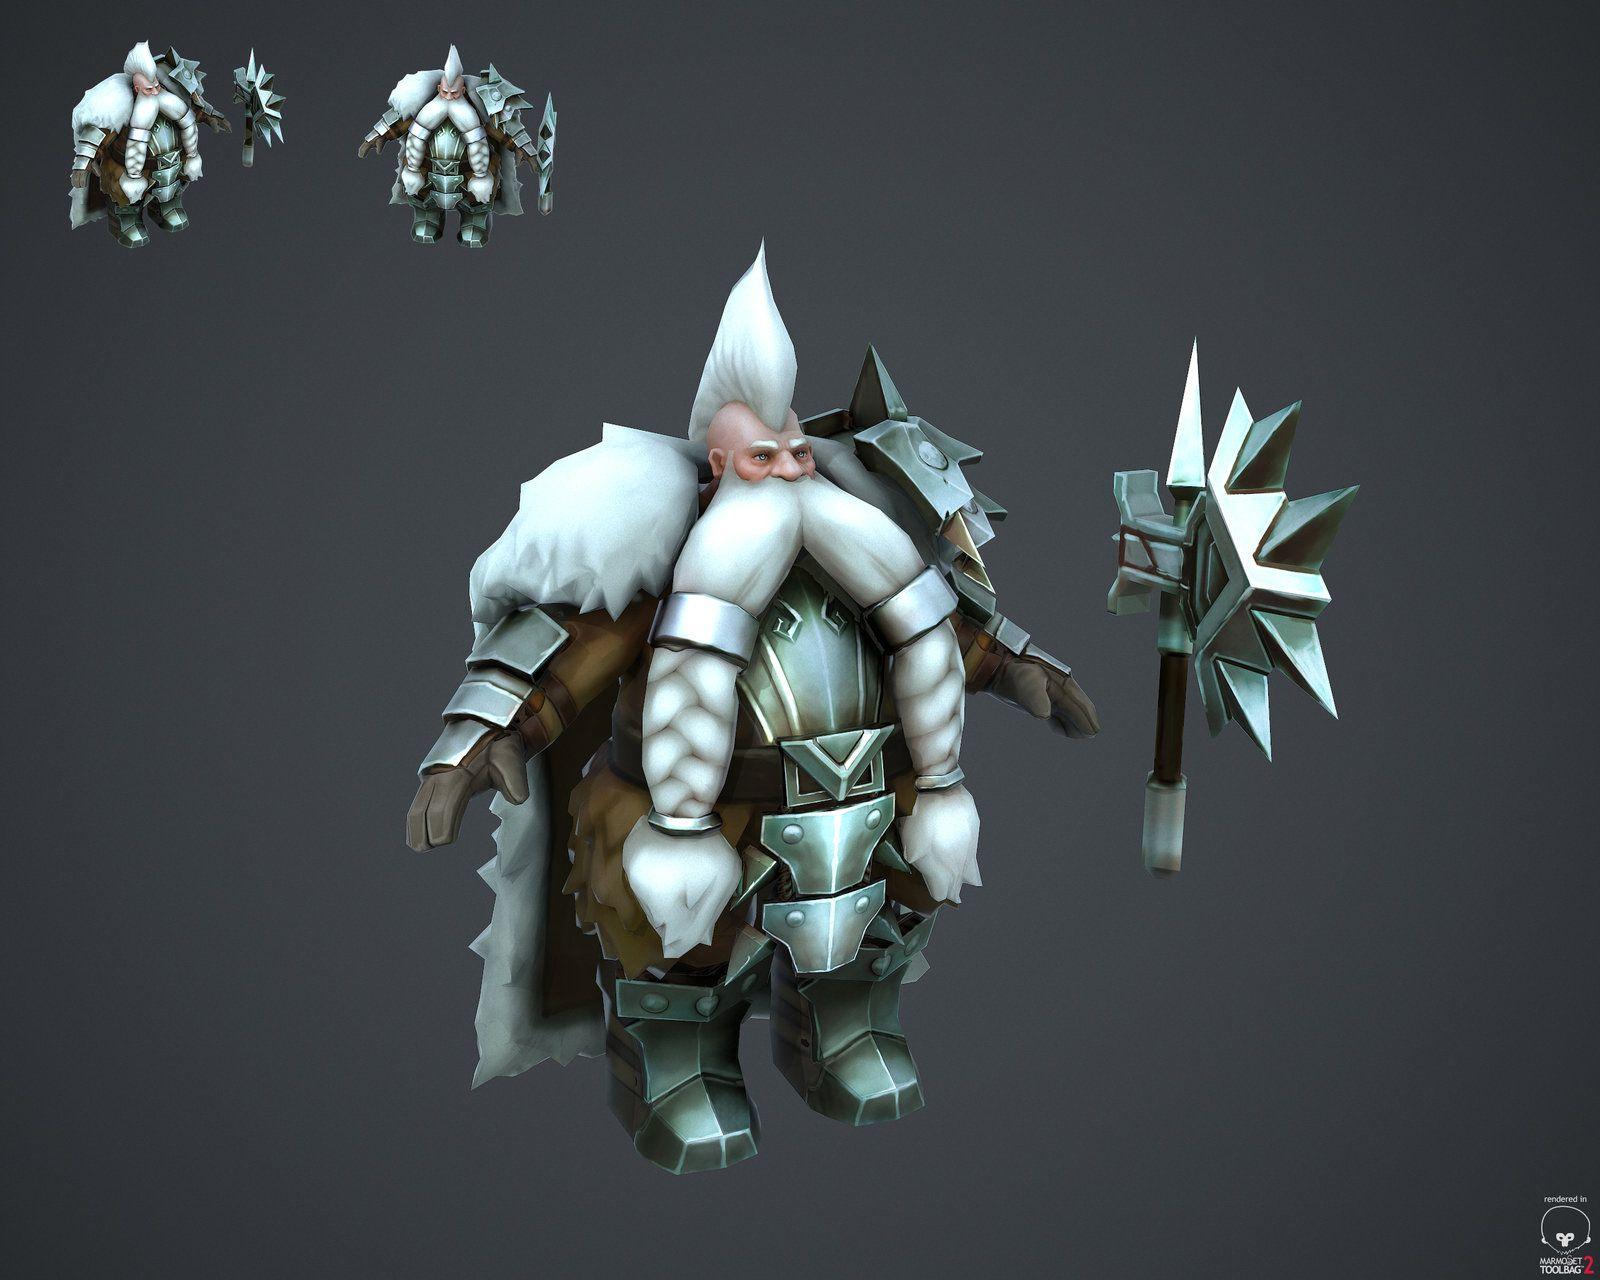 Dwarf Hero 3d model, Joel Durham on ArtStation at http://www.artstation.com/artwork/dwarf-hero-3d-model-e78c1f2c-3788-464c-8d85-3d67e0e93e84